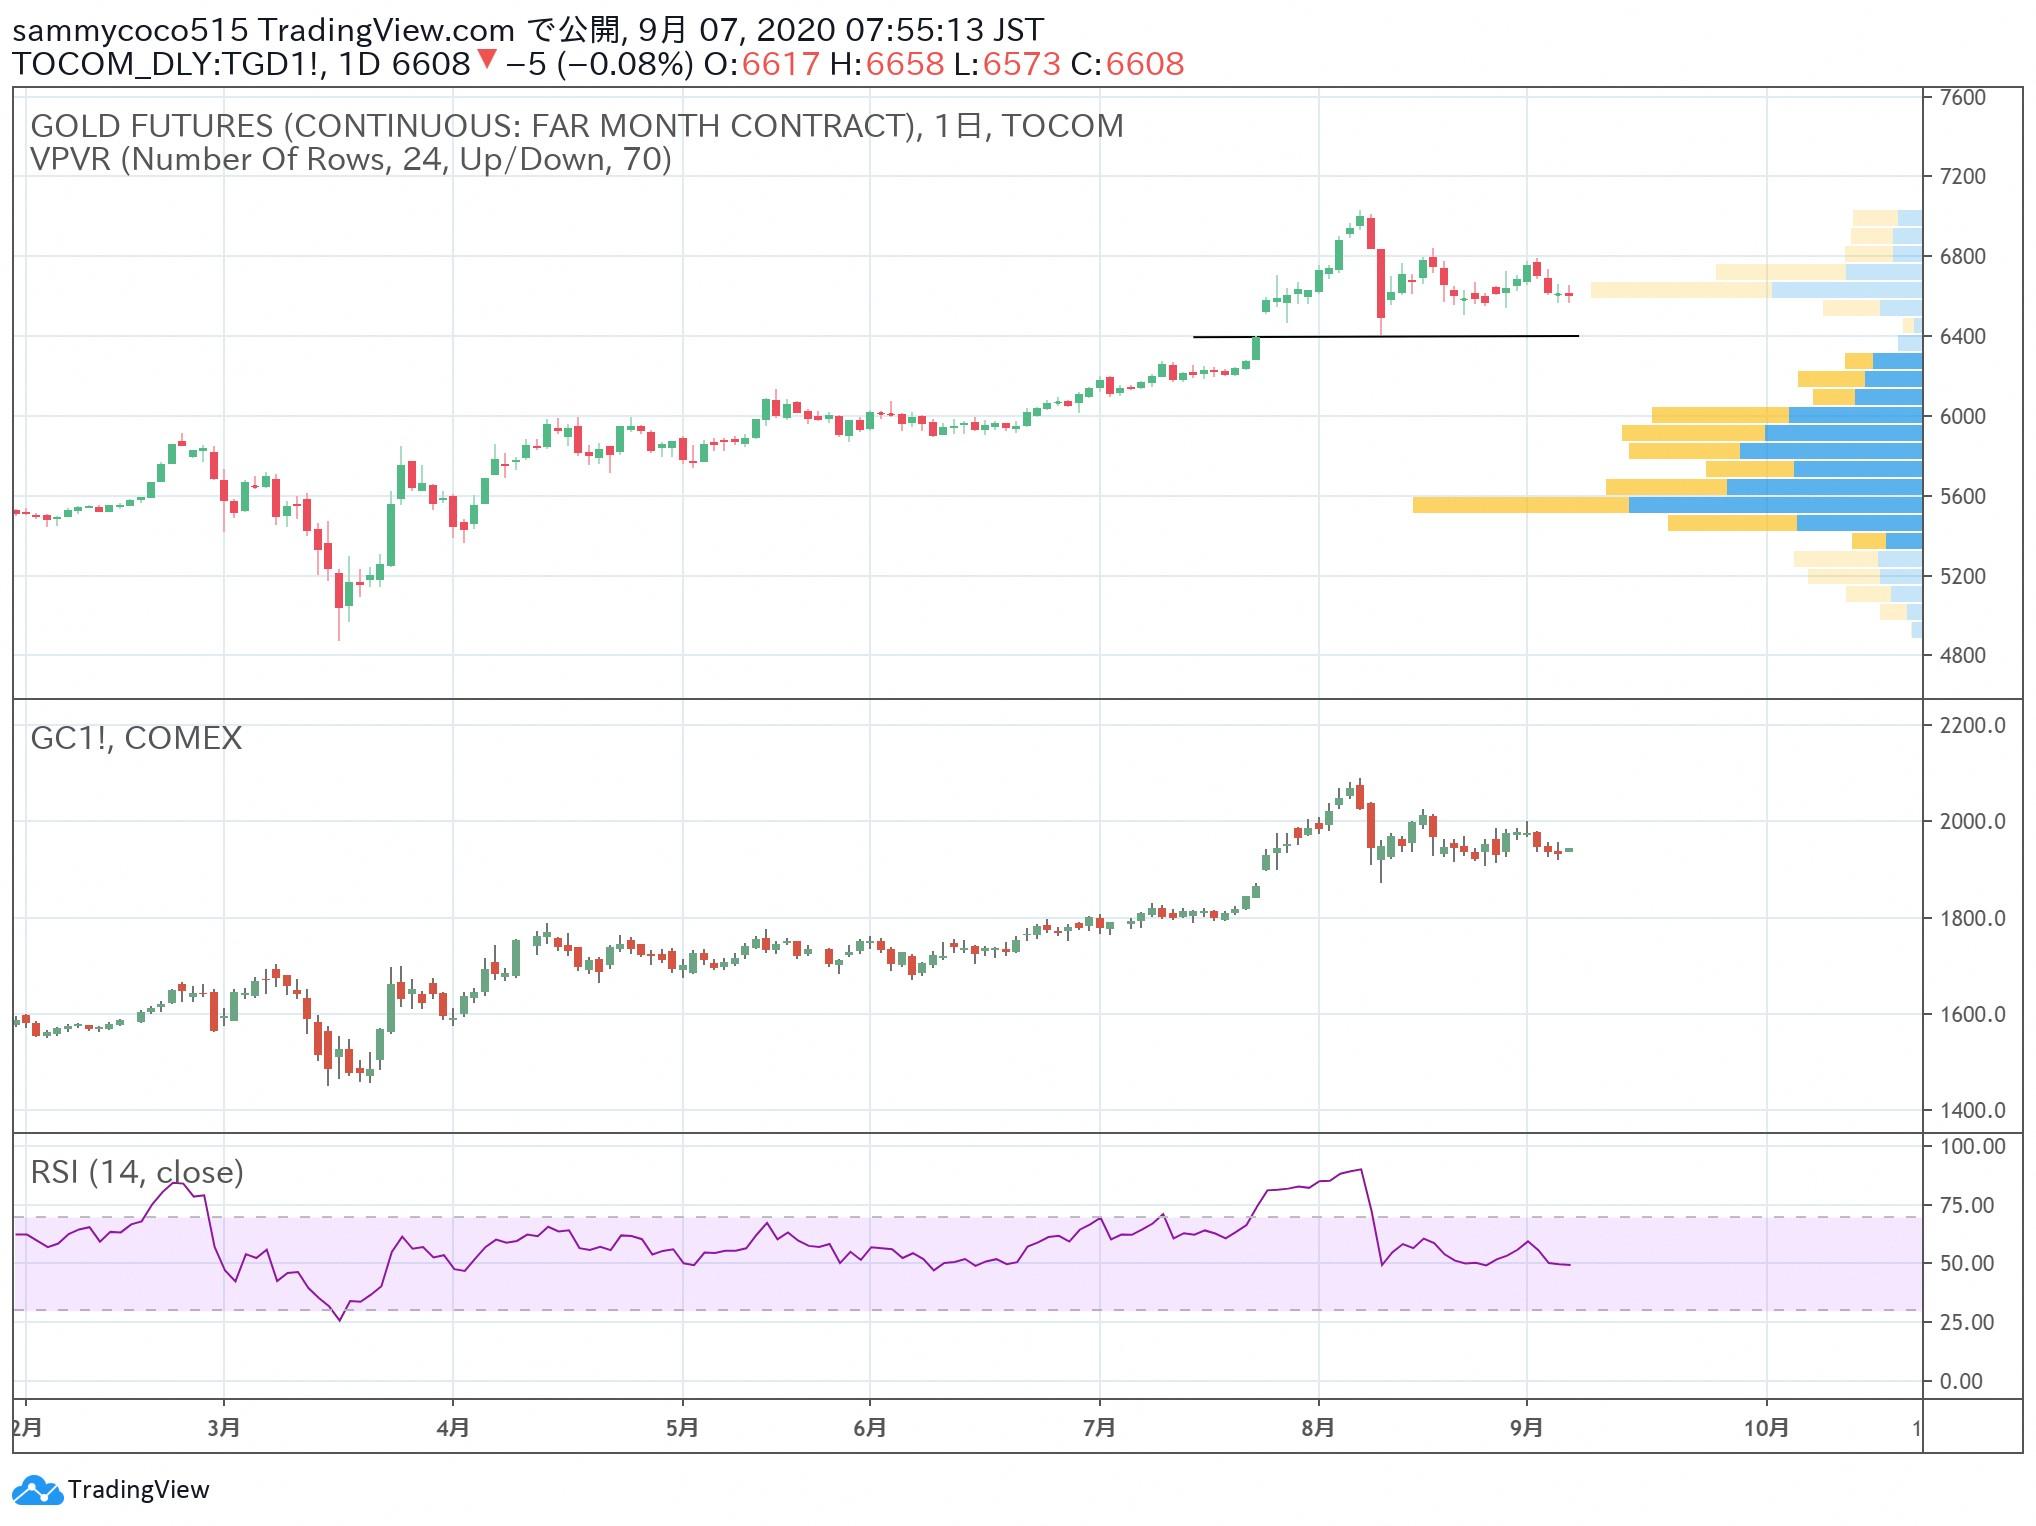 日本商品市场日评:东京黄金价格小幅下跌,橡胶市场低位盘整